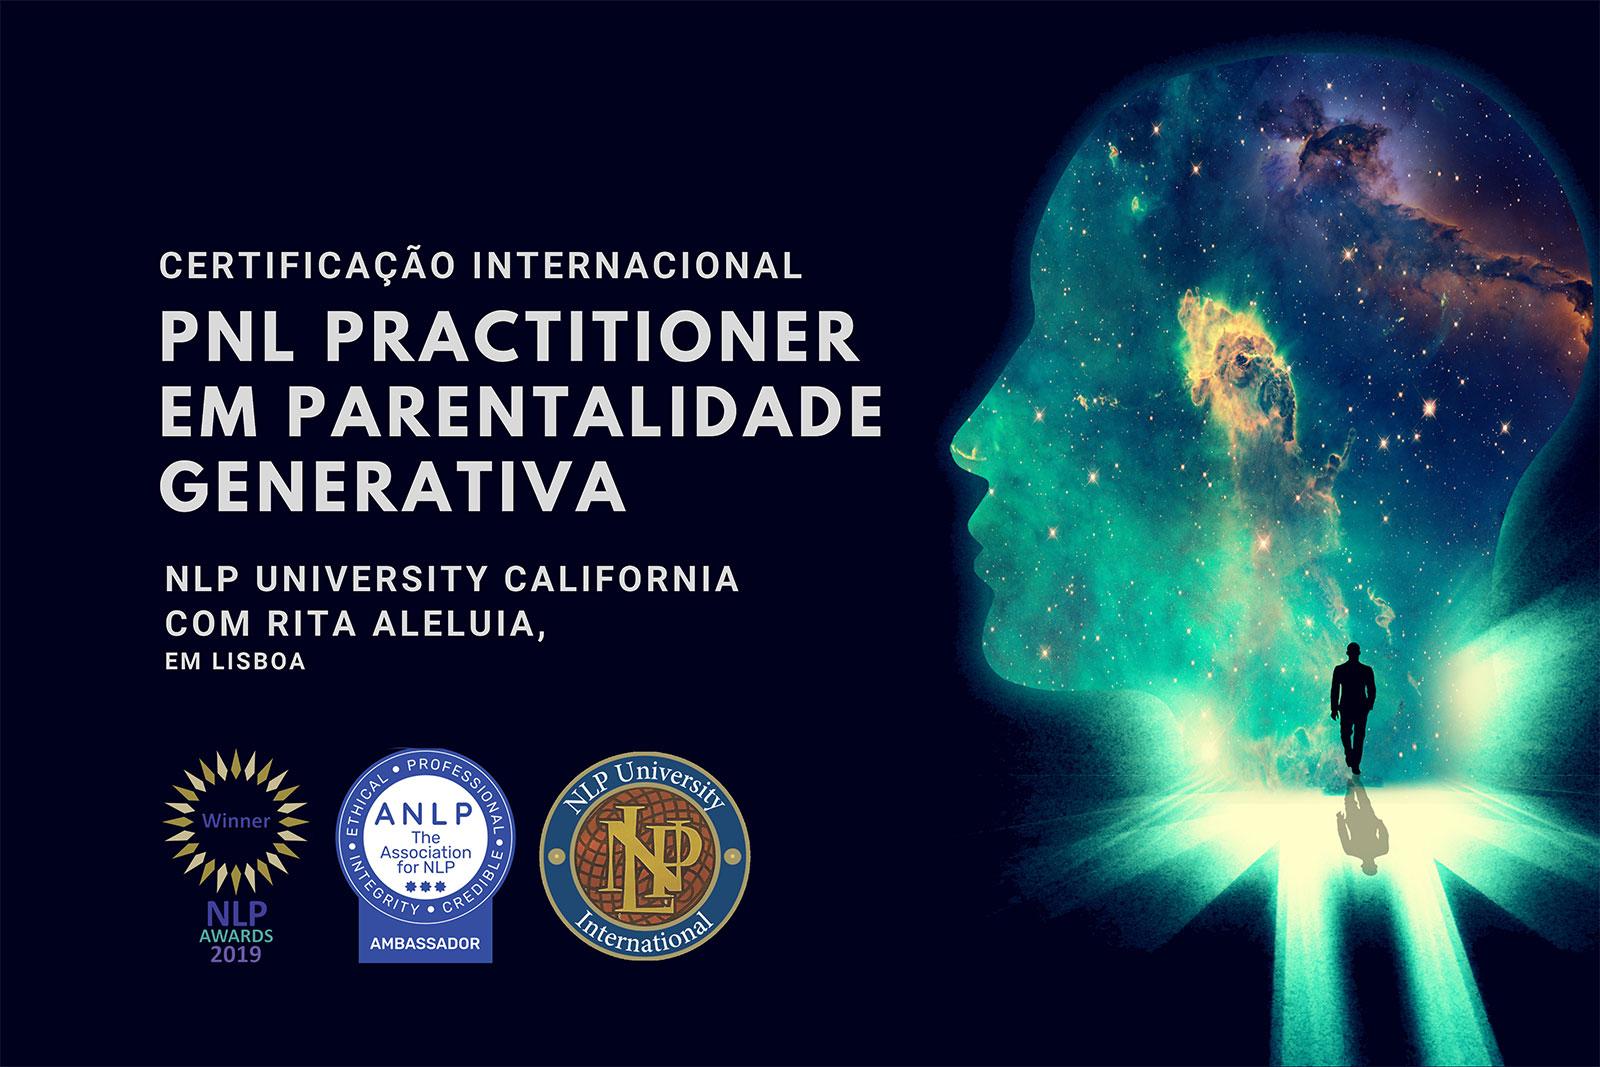 5.ª Certificação Internacional PNL Practitioner em Parentalidade Generativa